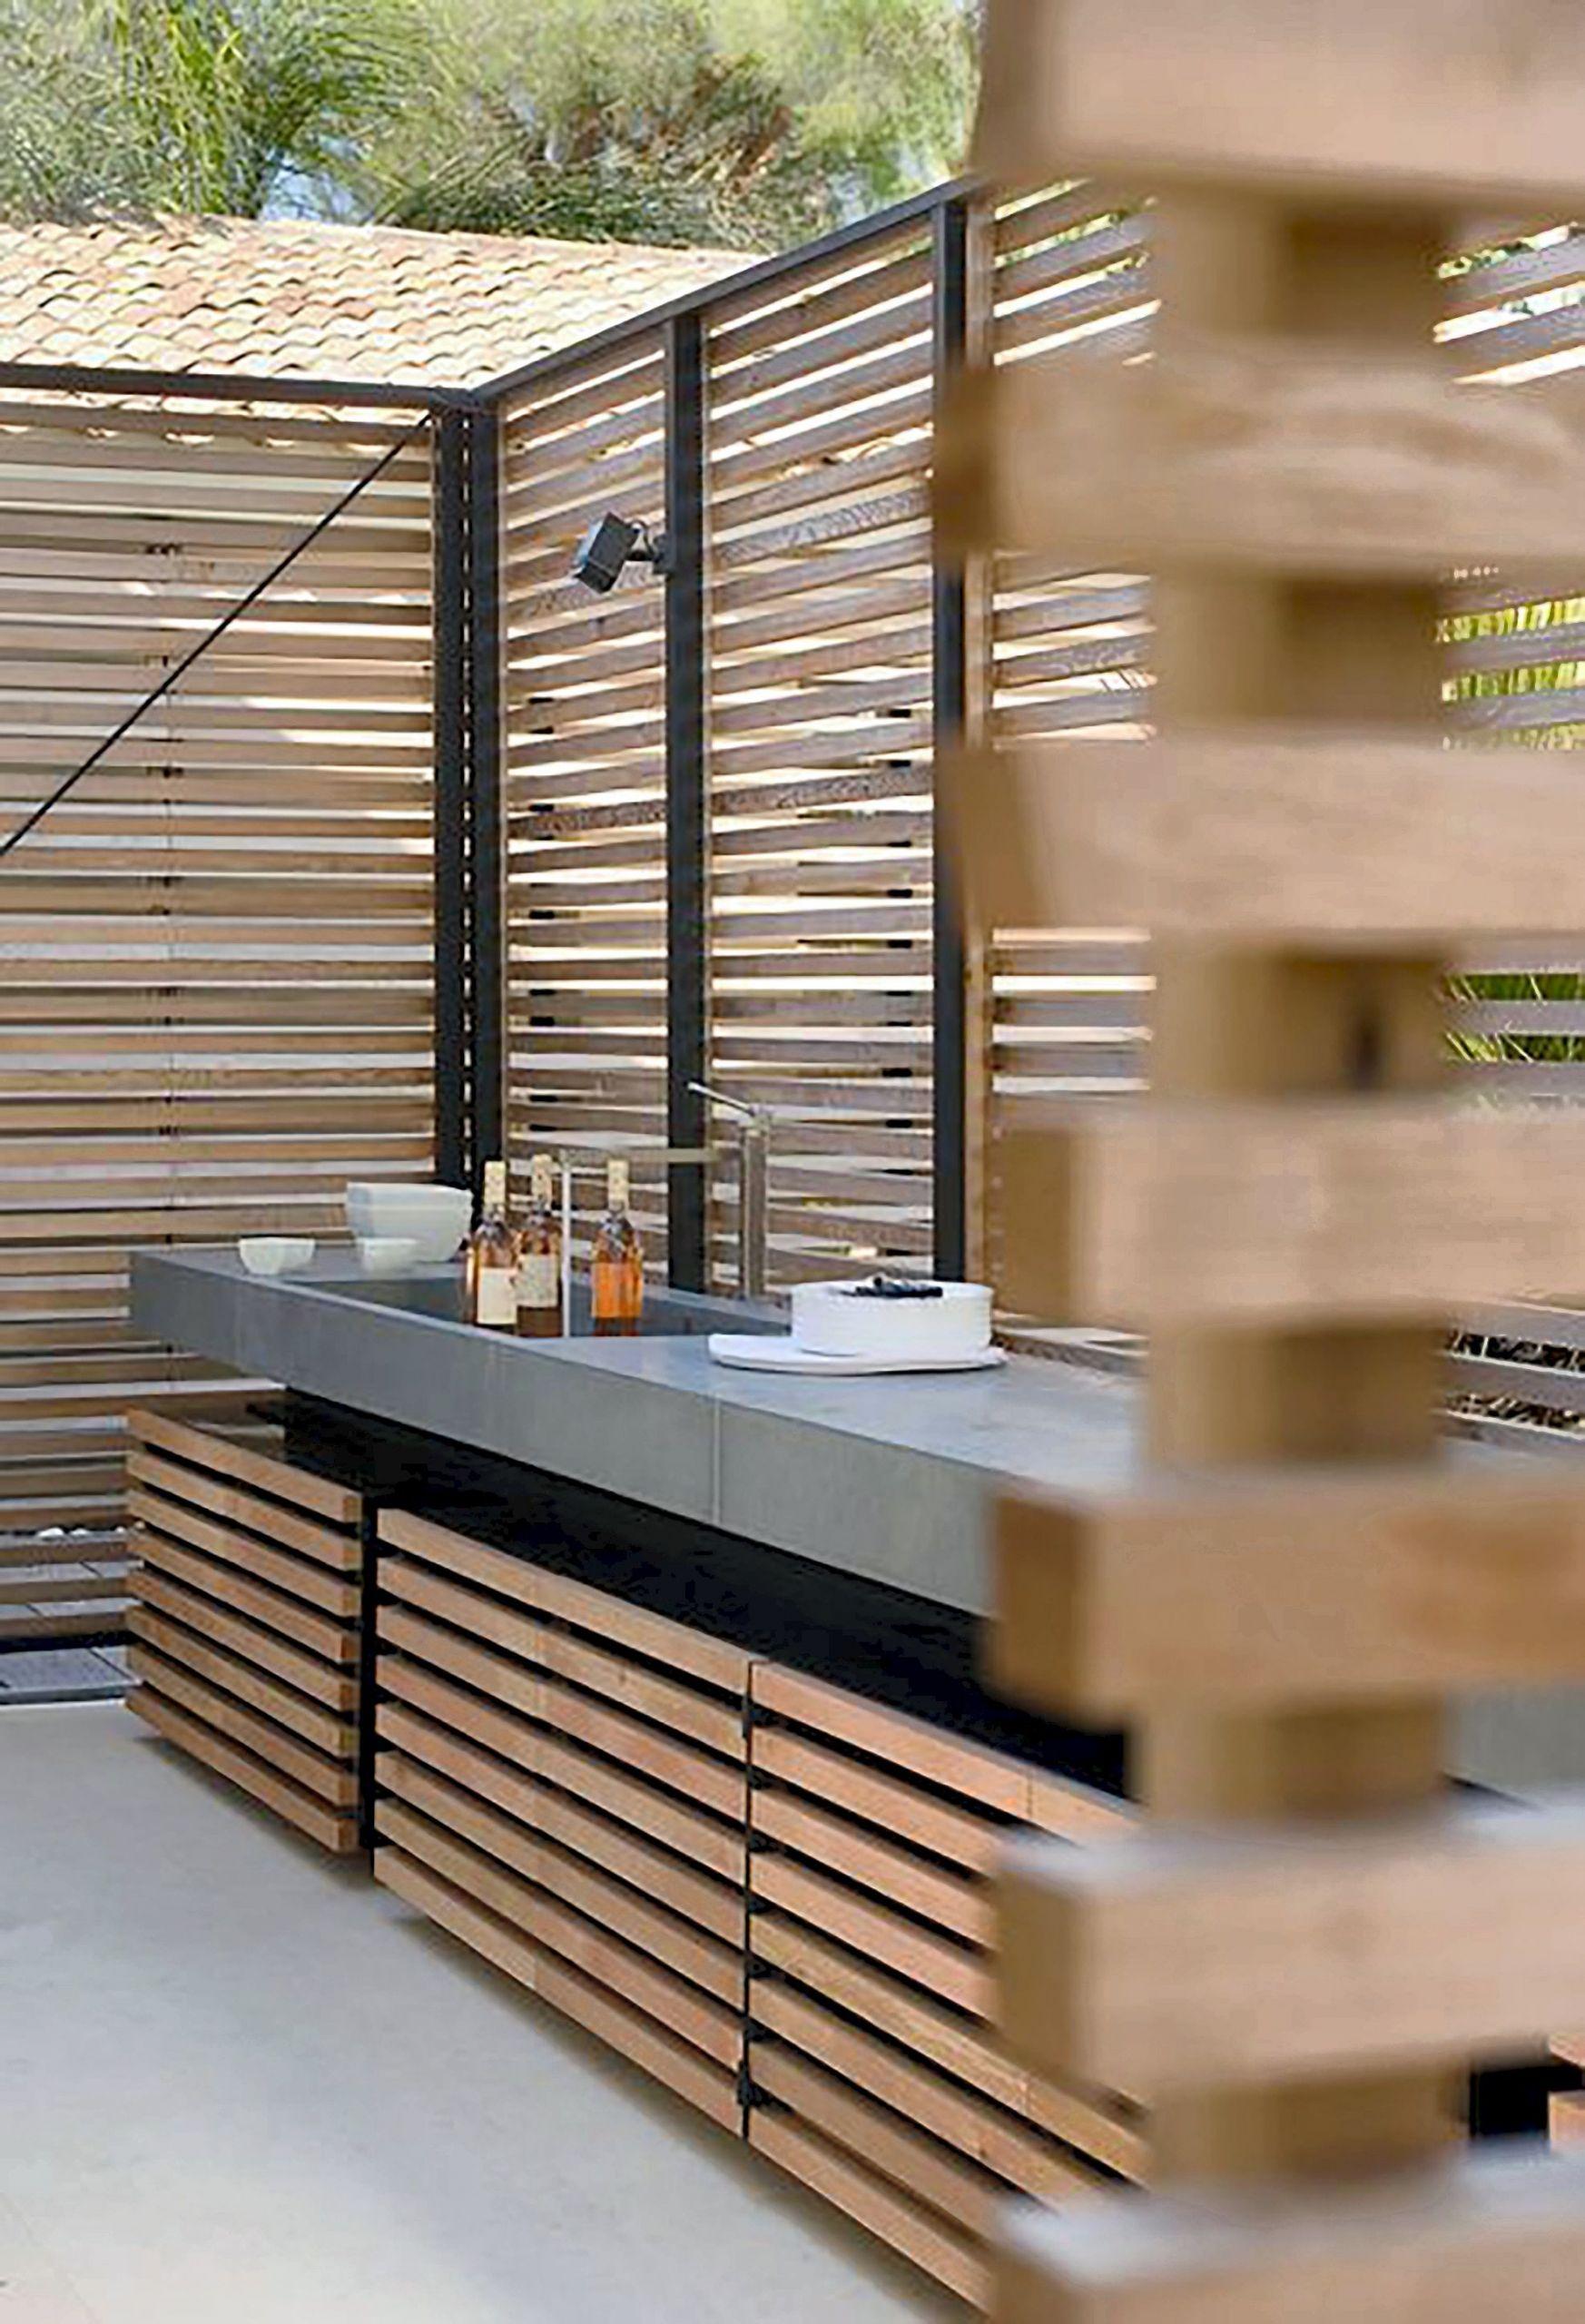 bar de terrasse exterieur elegant 20 cuisines exterieures de rave pour l ete de bar de terrasse exterieur scaled